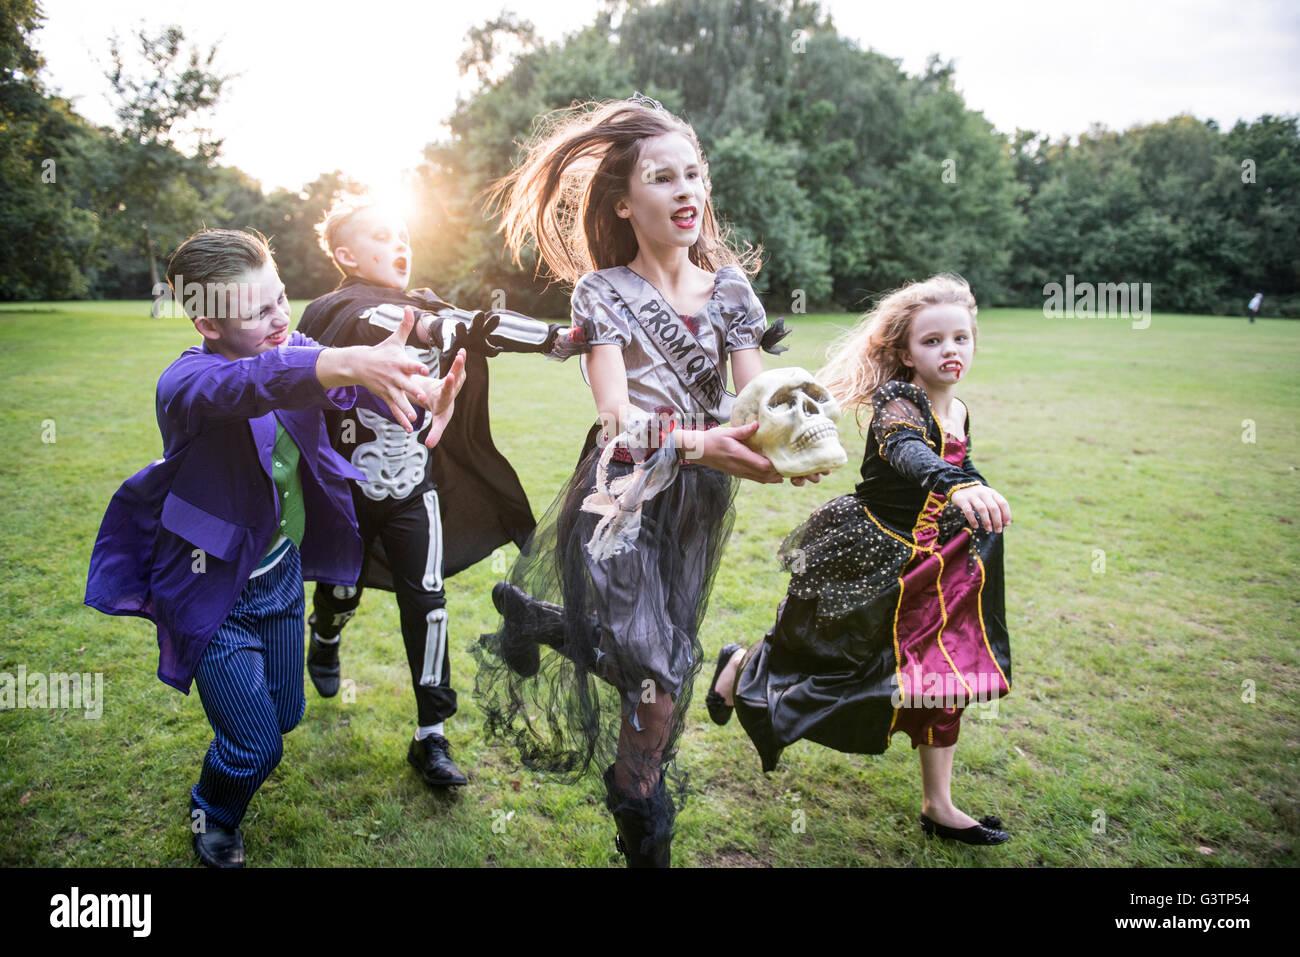 Kinder jagen eine Mädchen gekleidet wie ein Zombie Ballkönigin für Halloween-Nacht. Stockfoto